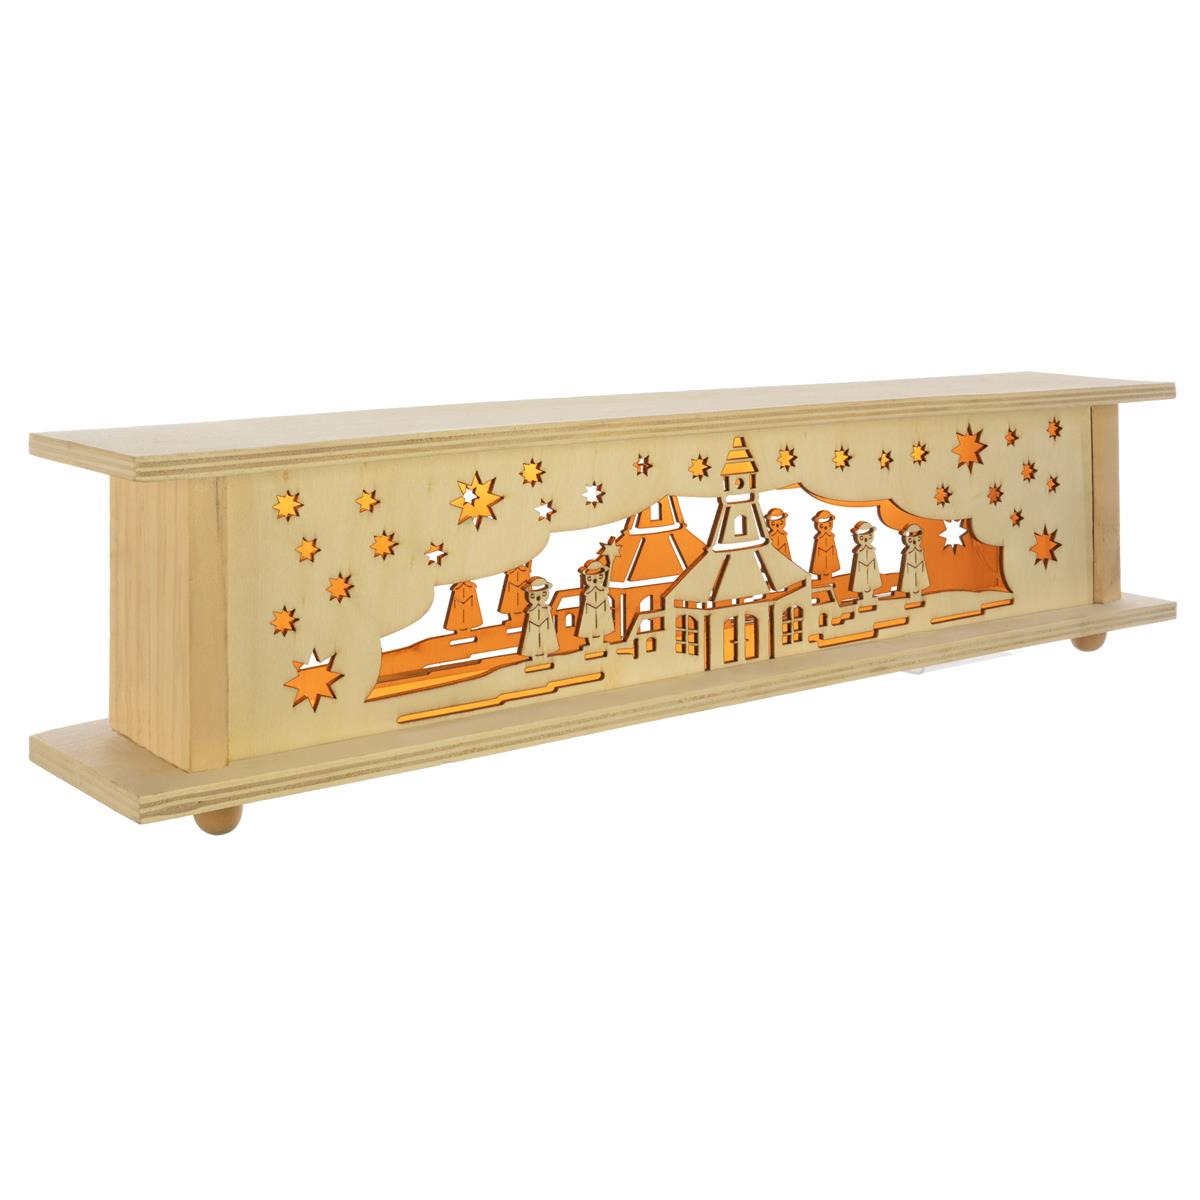 Holzpodest 10 LED warm weiß 57x10x13 cm Unterbank Lichtersockel Xmas Timer